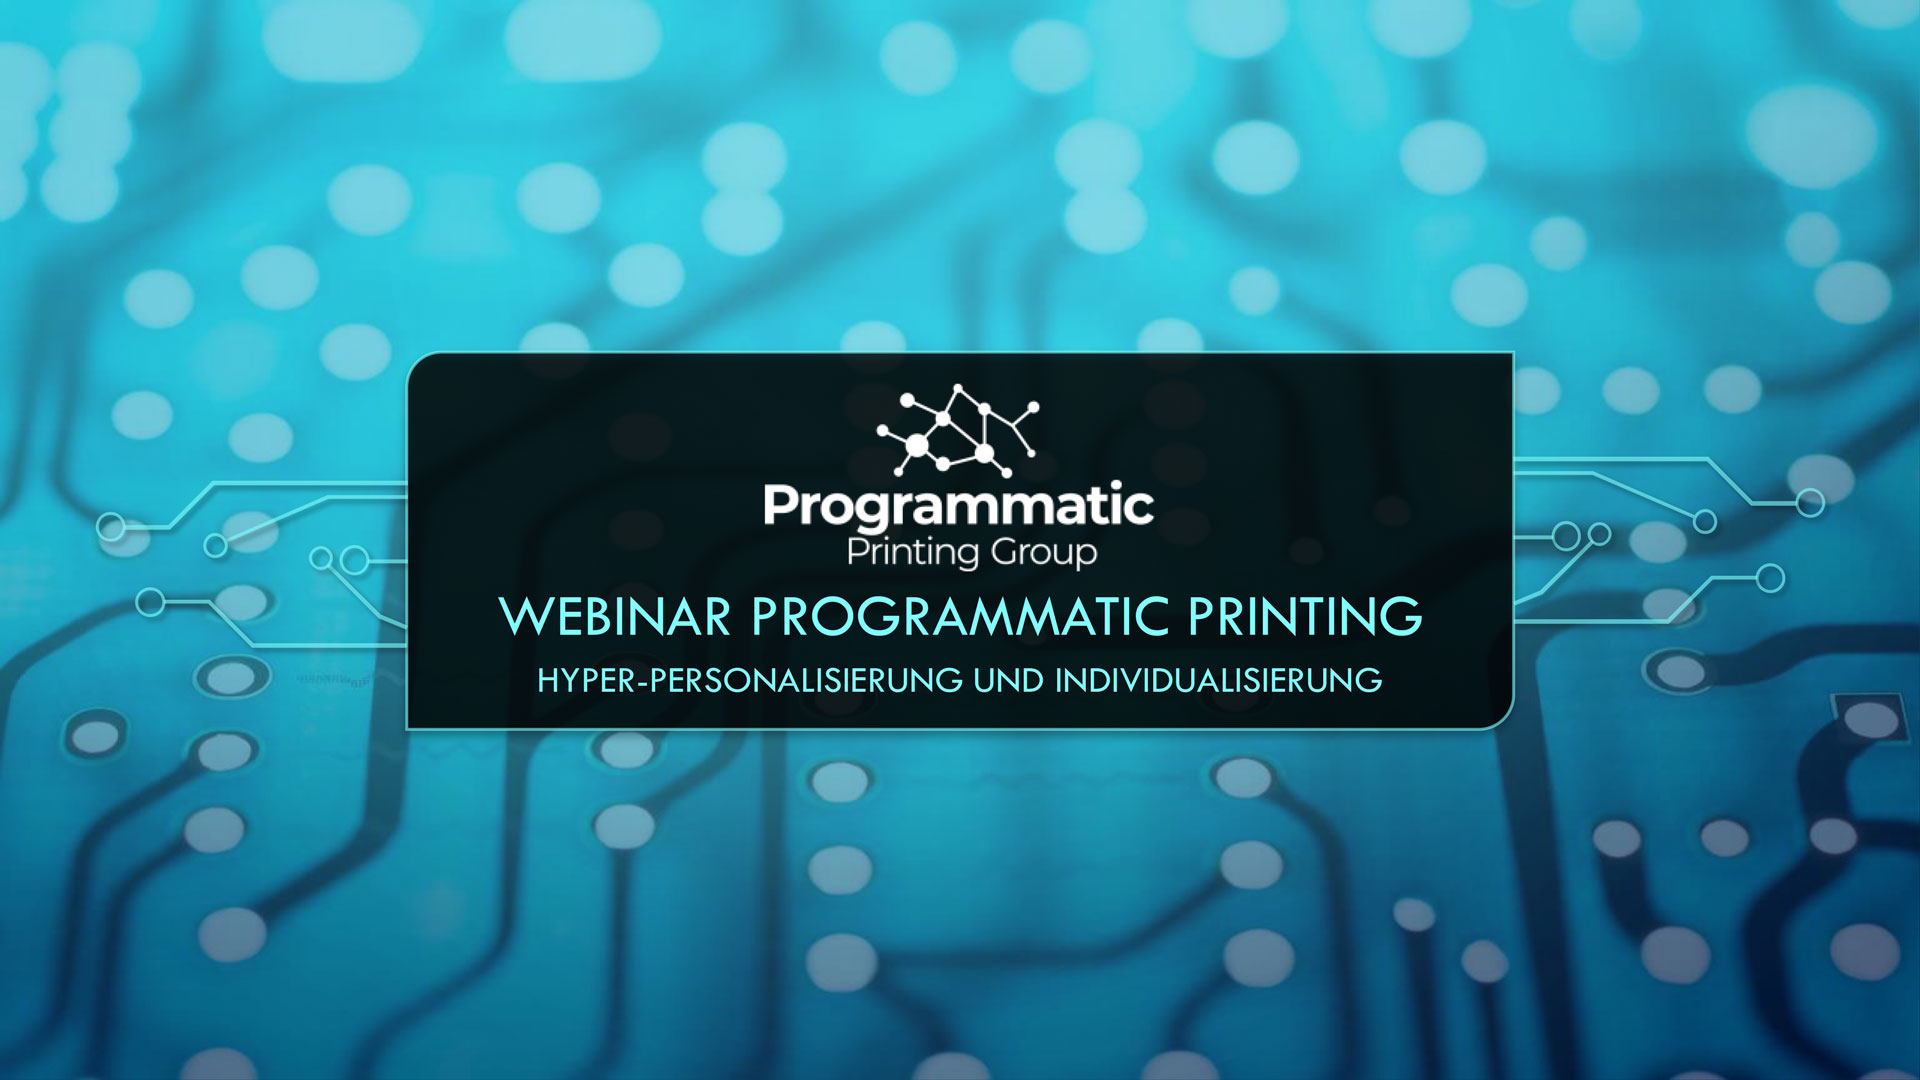 PPG_Webinar_01